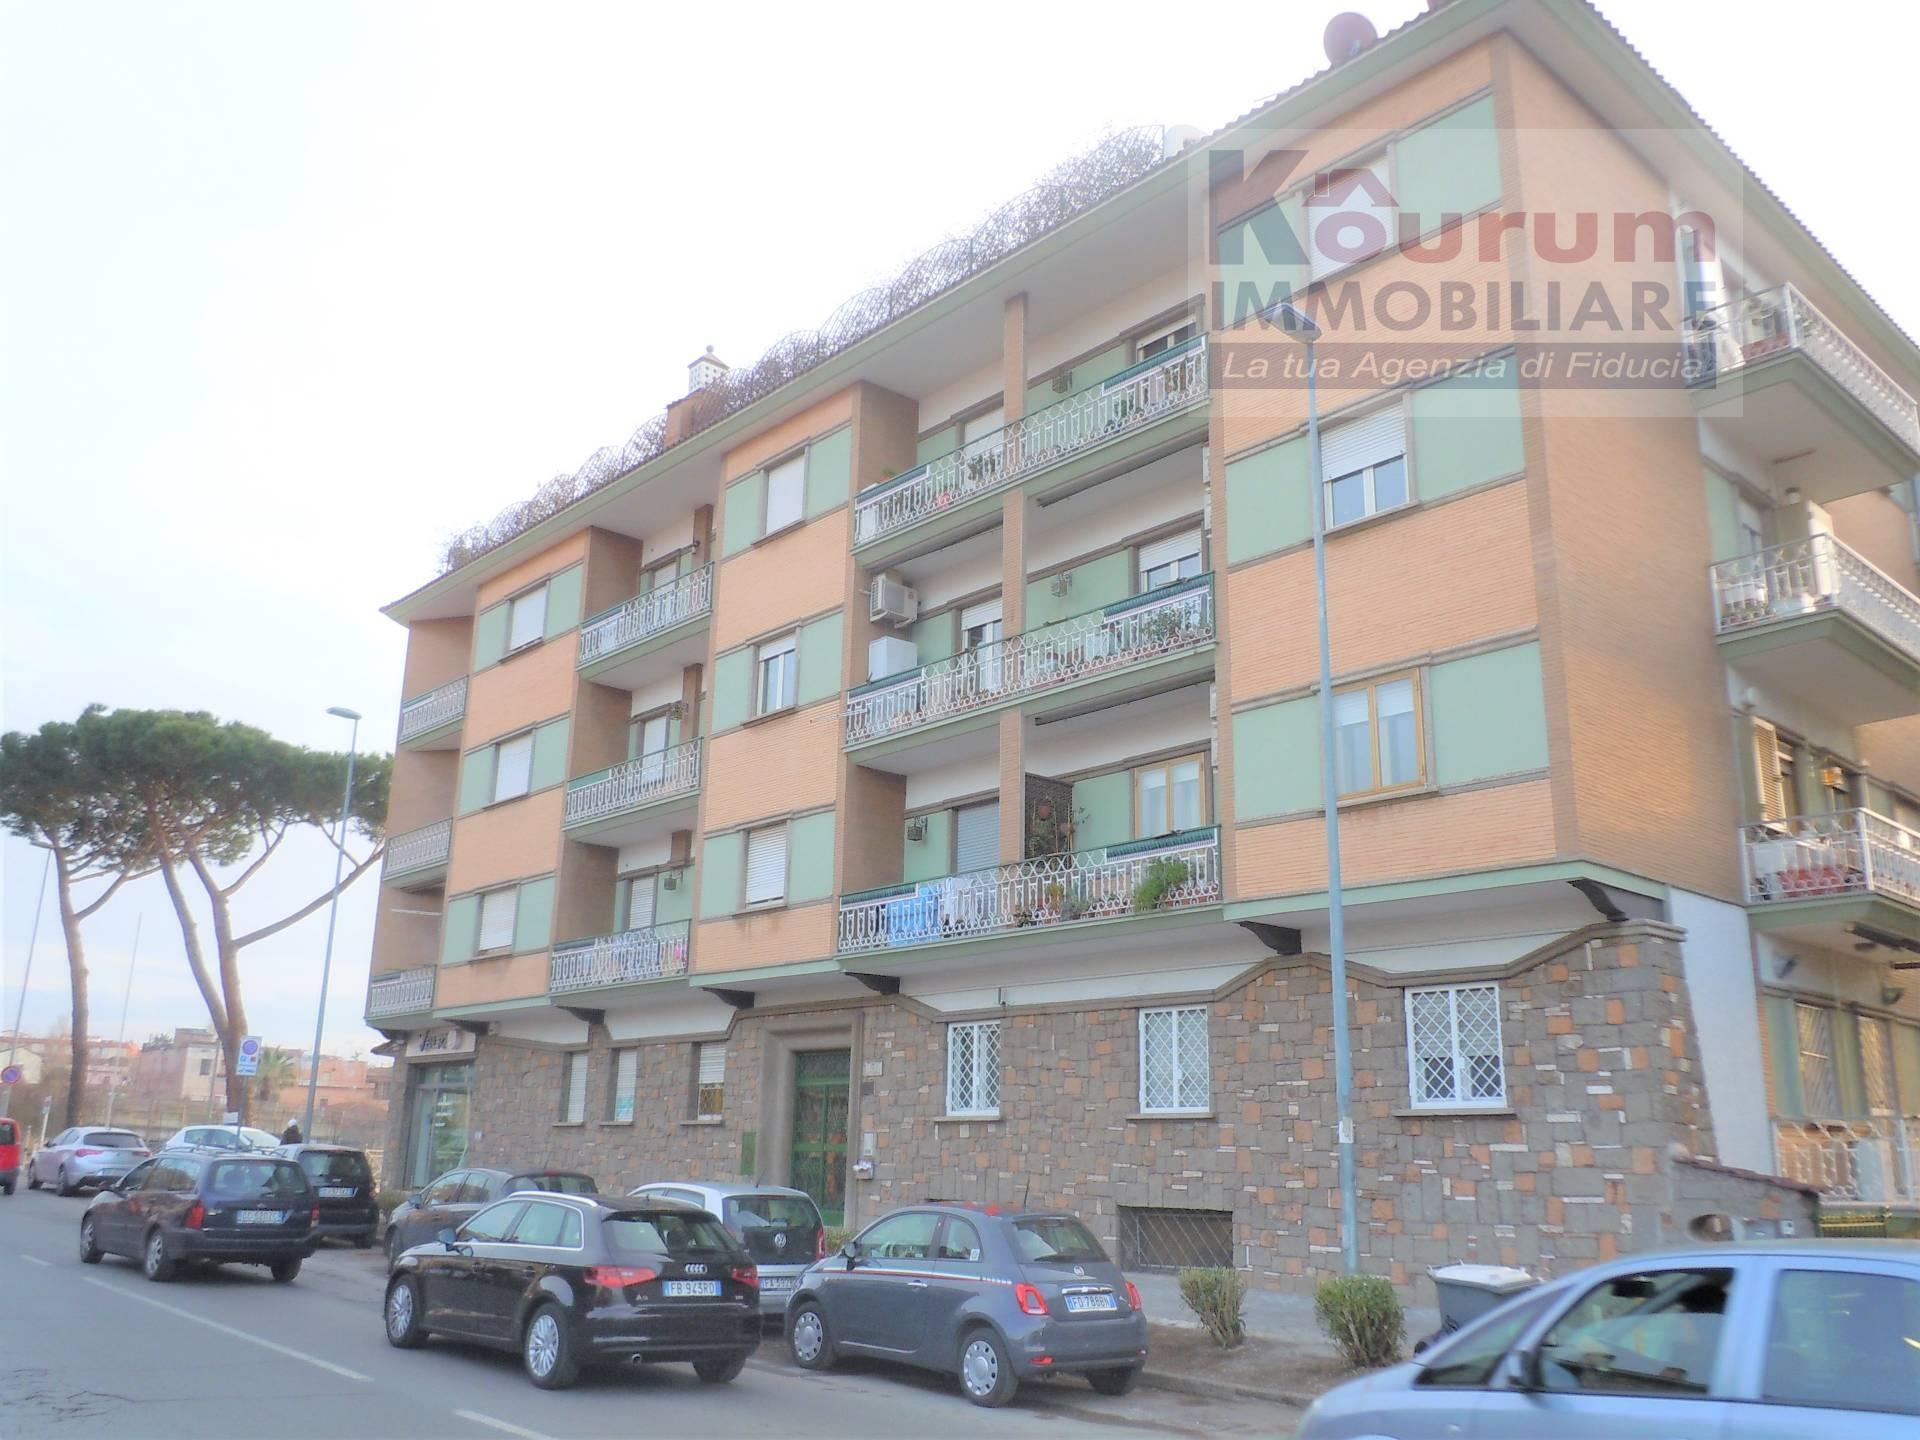 Appartamento in affitto a Ciampino, 3 locali, zona Località: Kennedy, prezzo € 700 | Cambio Casa.it